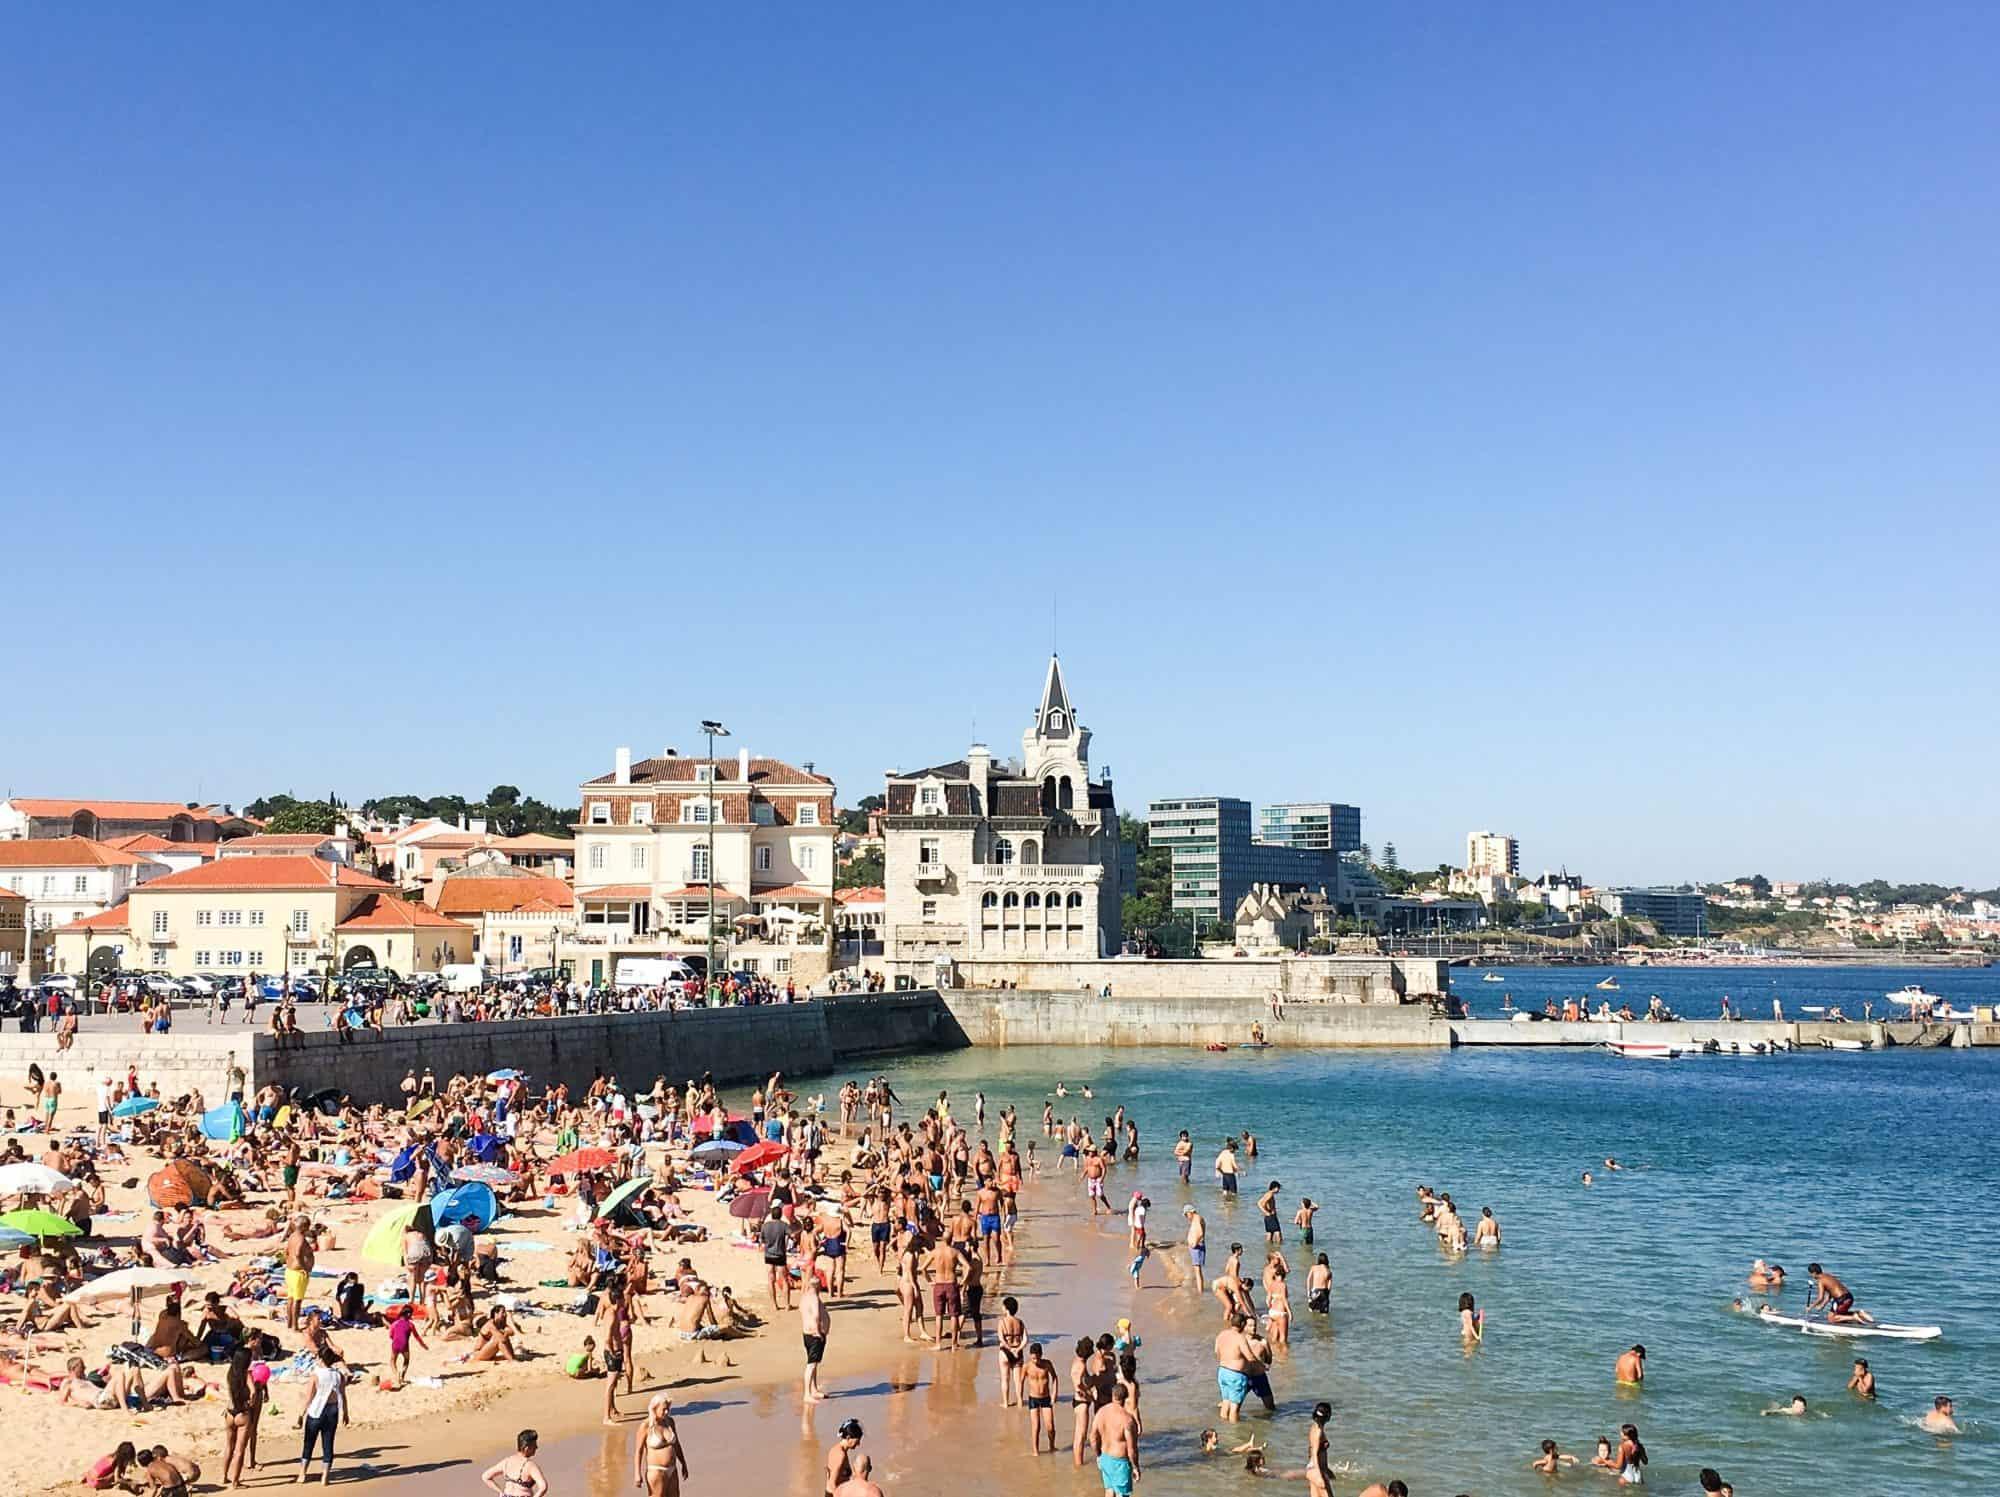 Praia da Ribeira Beach in Cascais, Portugal | A Day Trip to Cascais: The Best Beach Escape from Lisbon